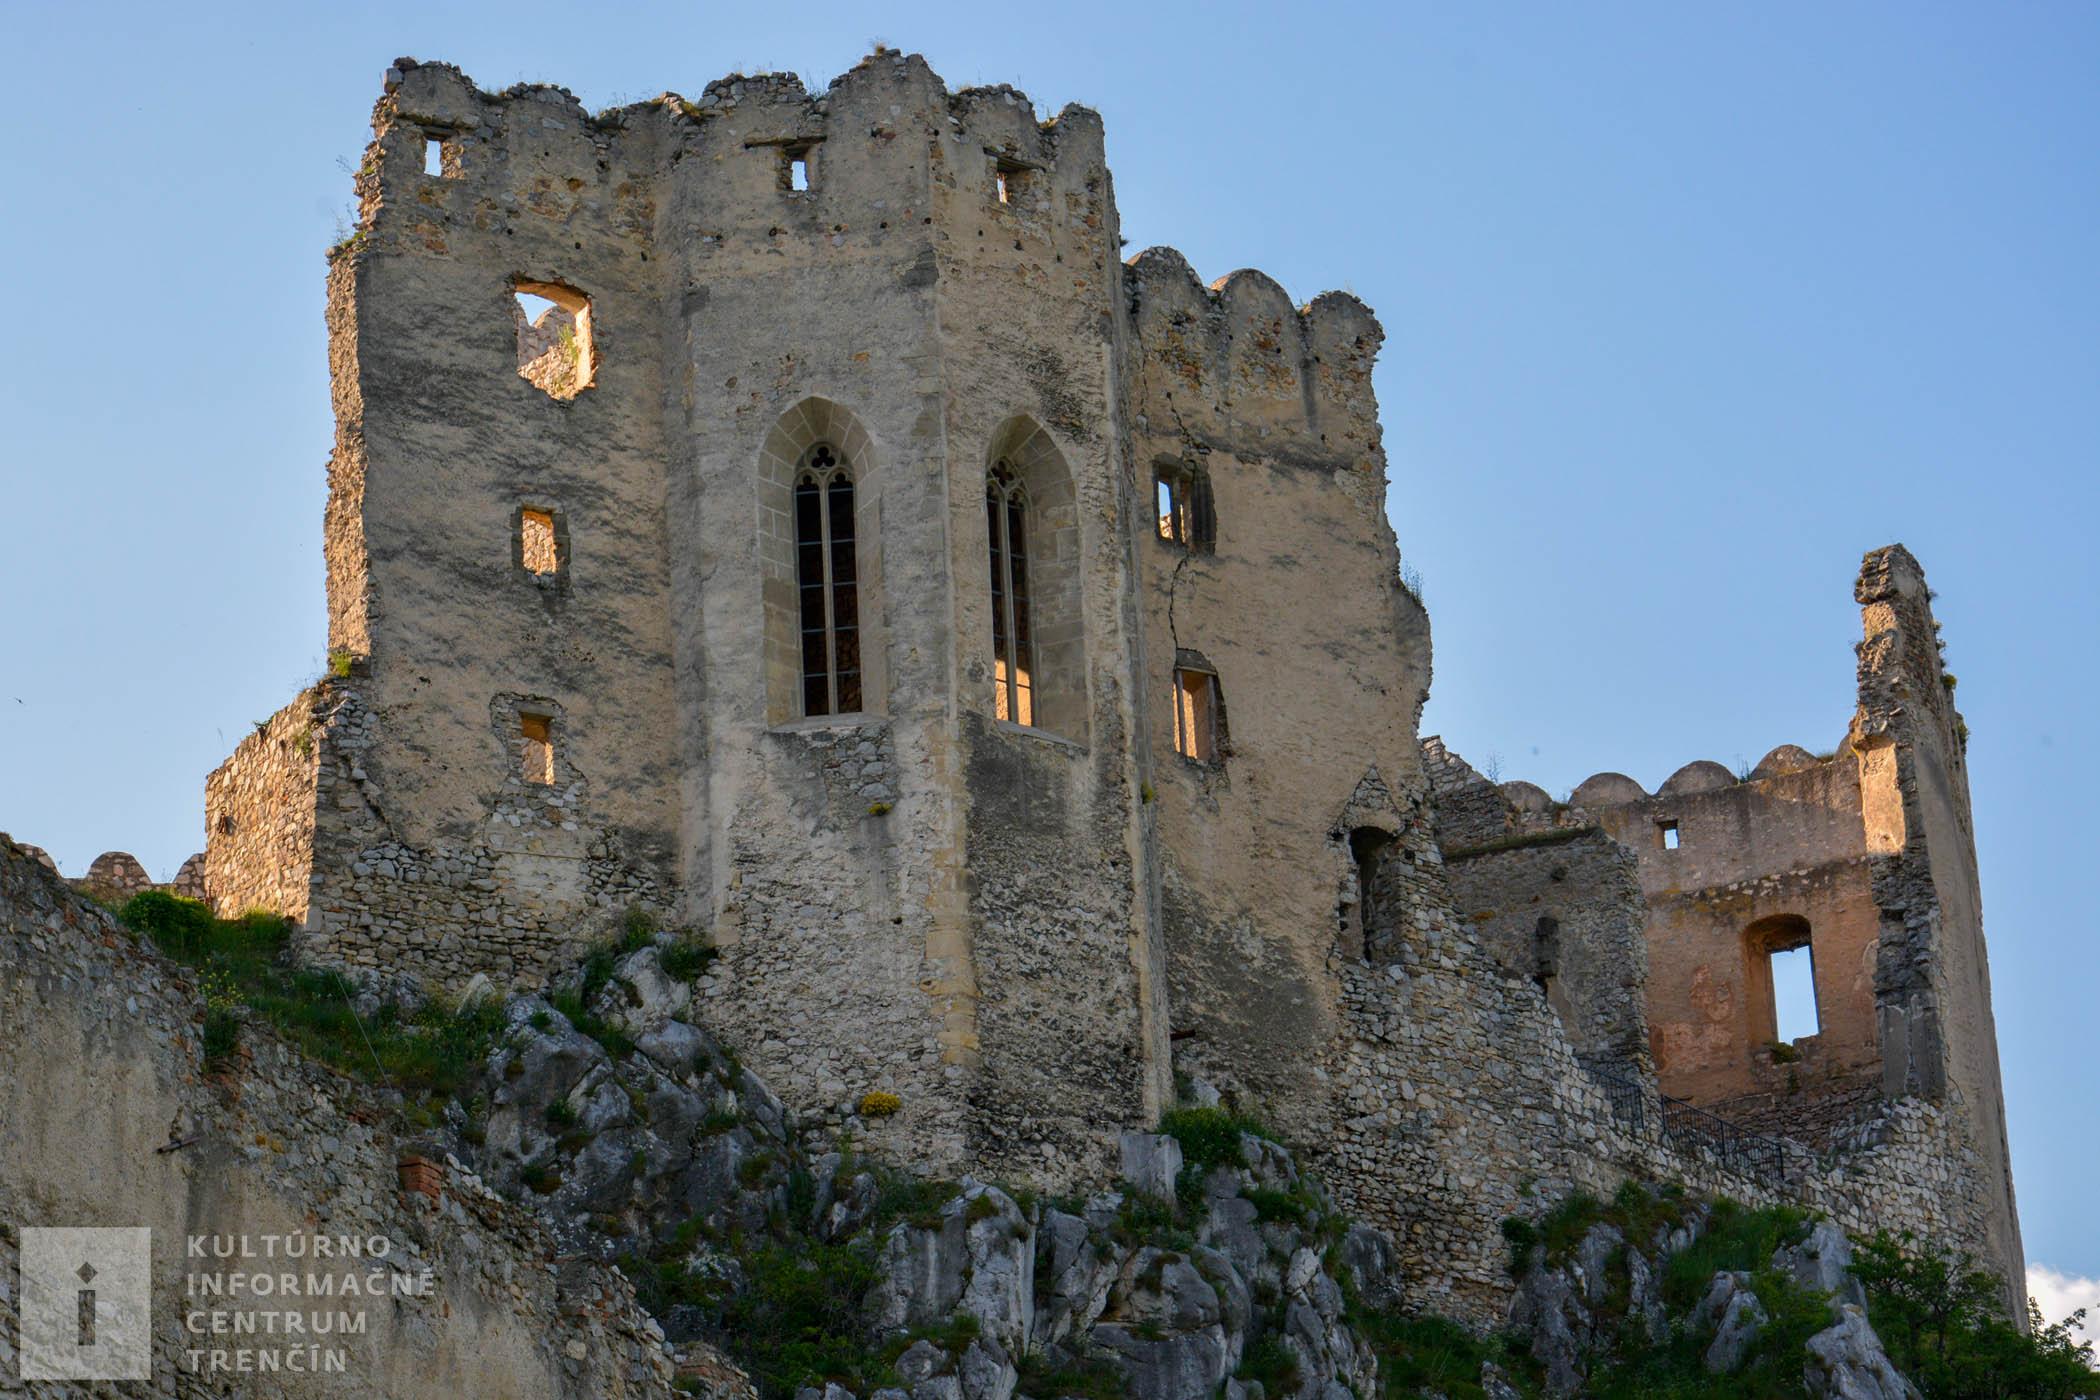 Pohľad na hradnú kaplnku na hrade Beckov